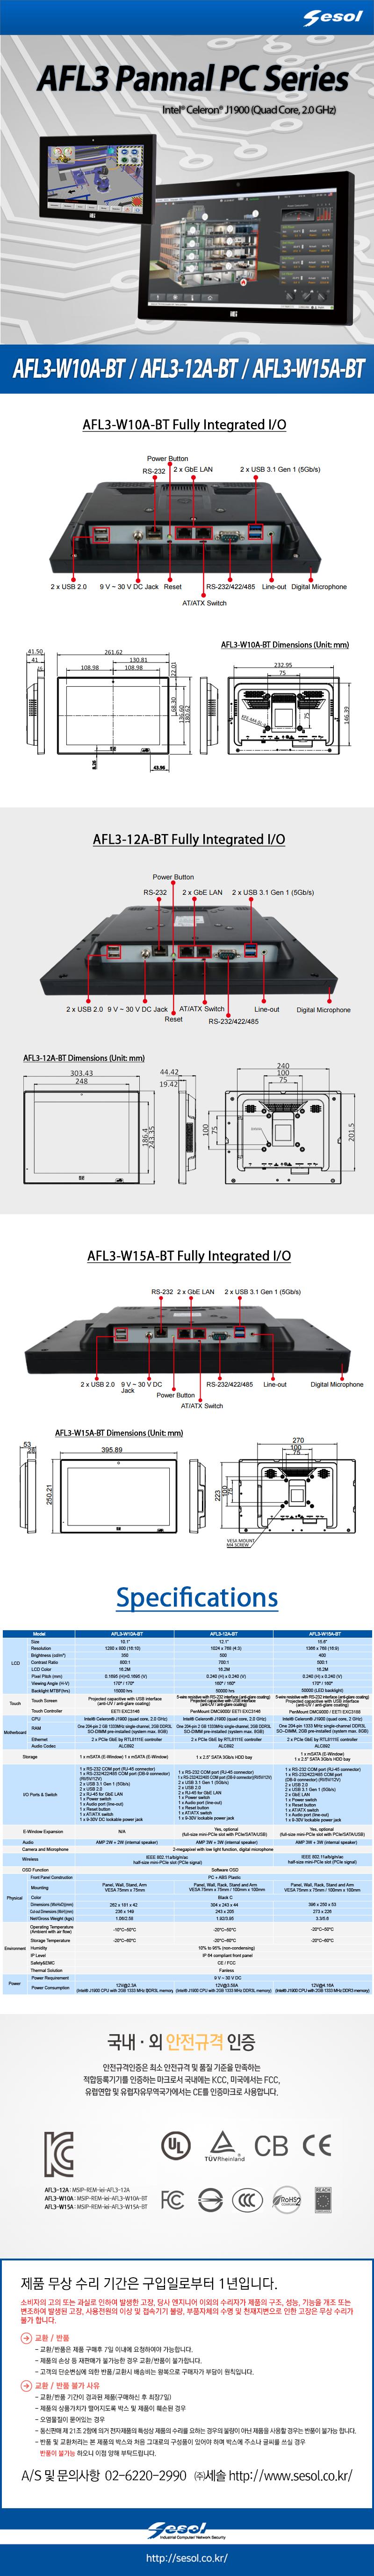 세솔 AFL3-W15A-BT 15 산업용 패널피씨 (베어본)